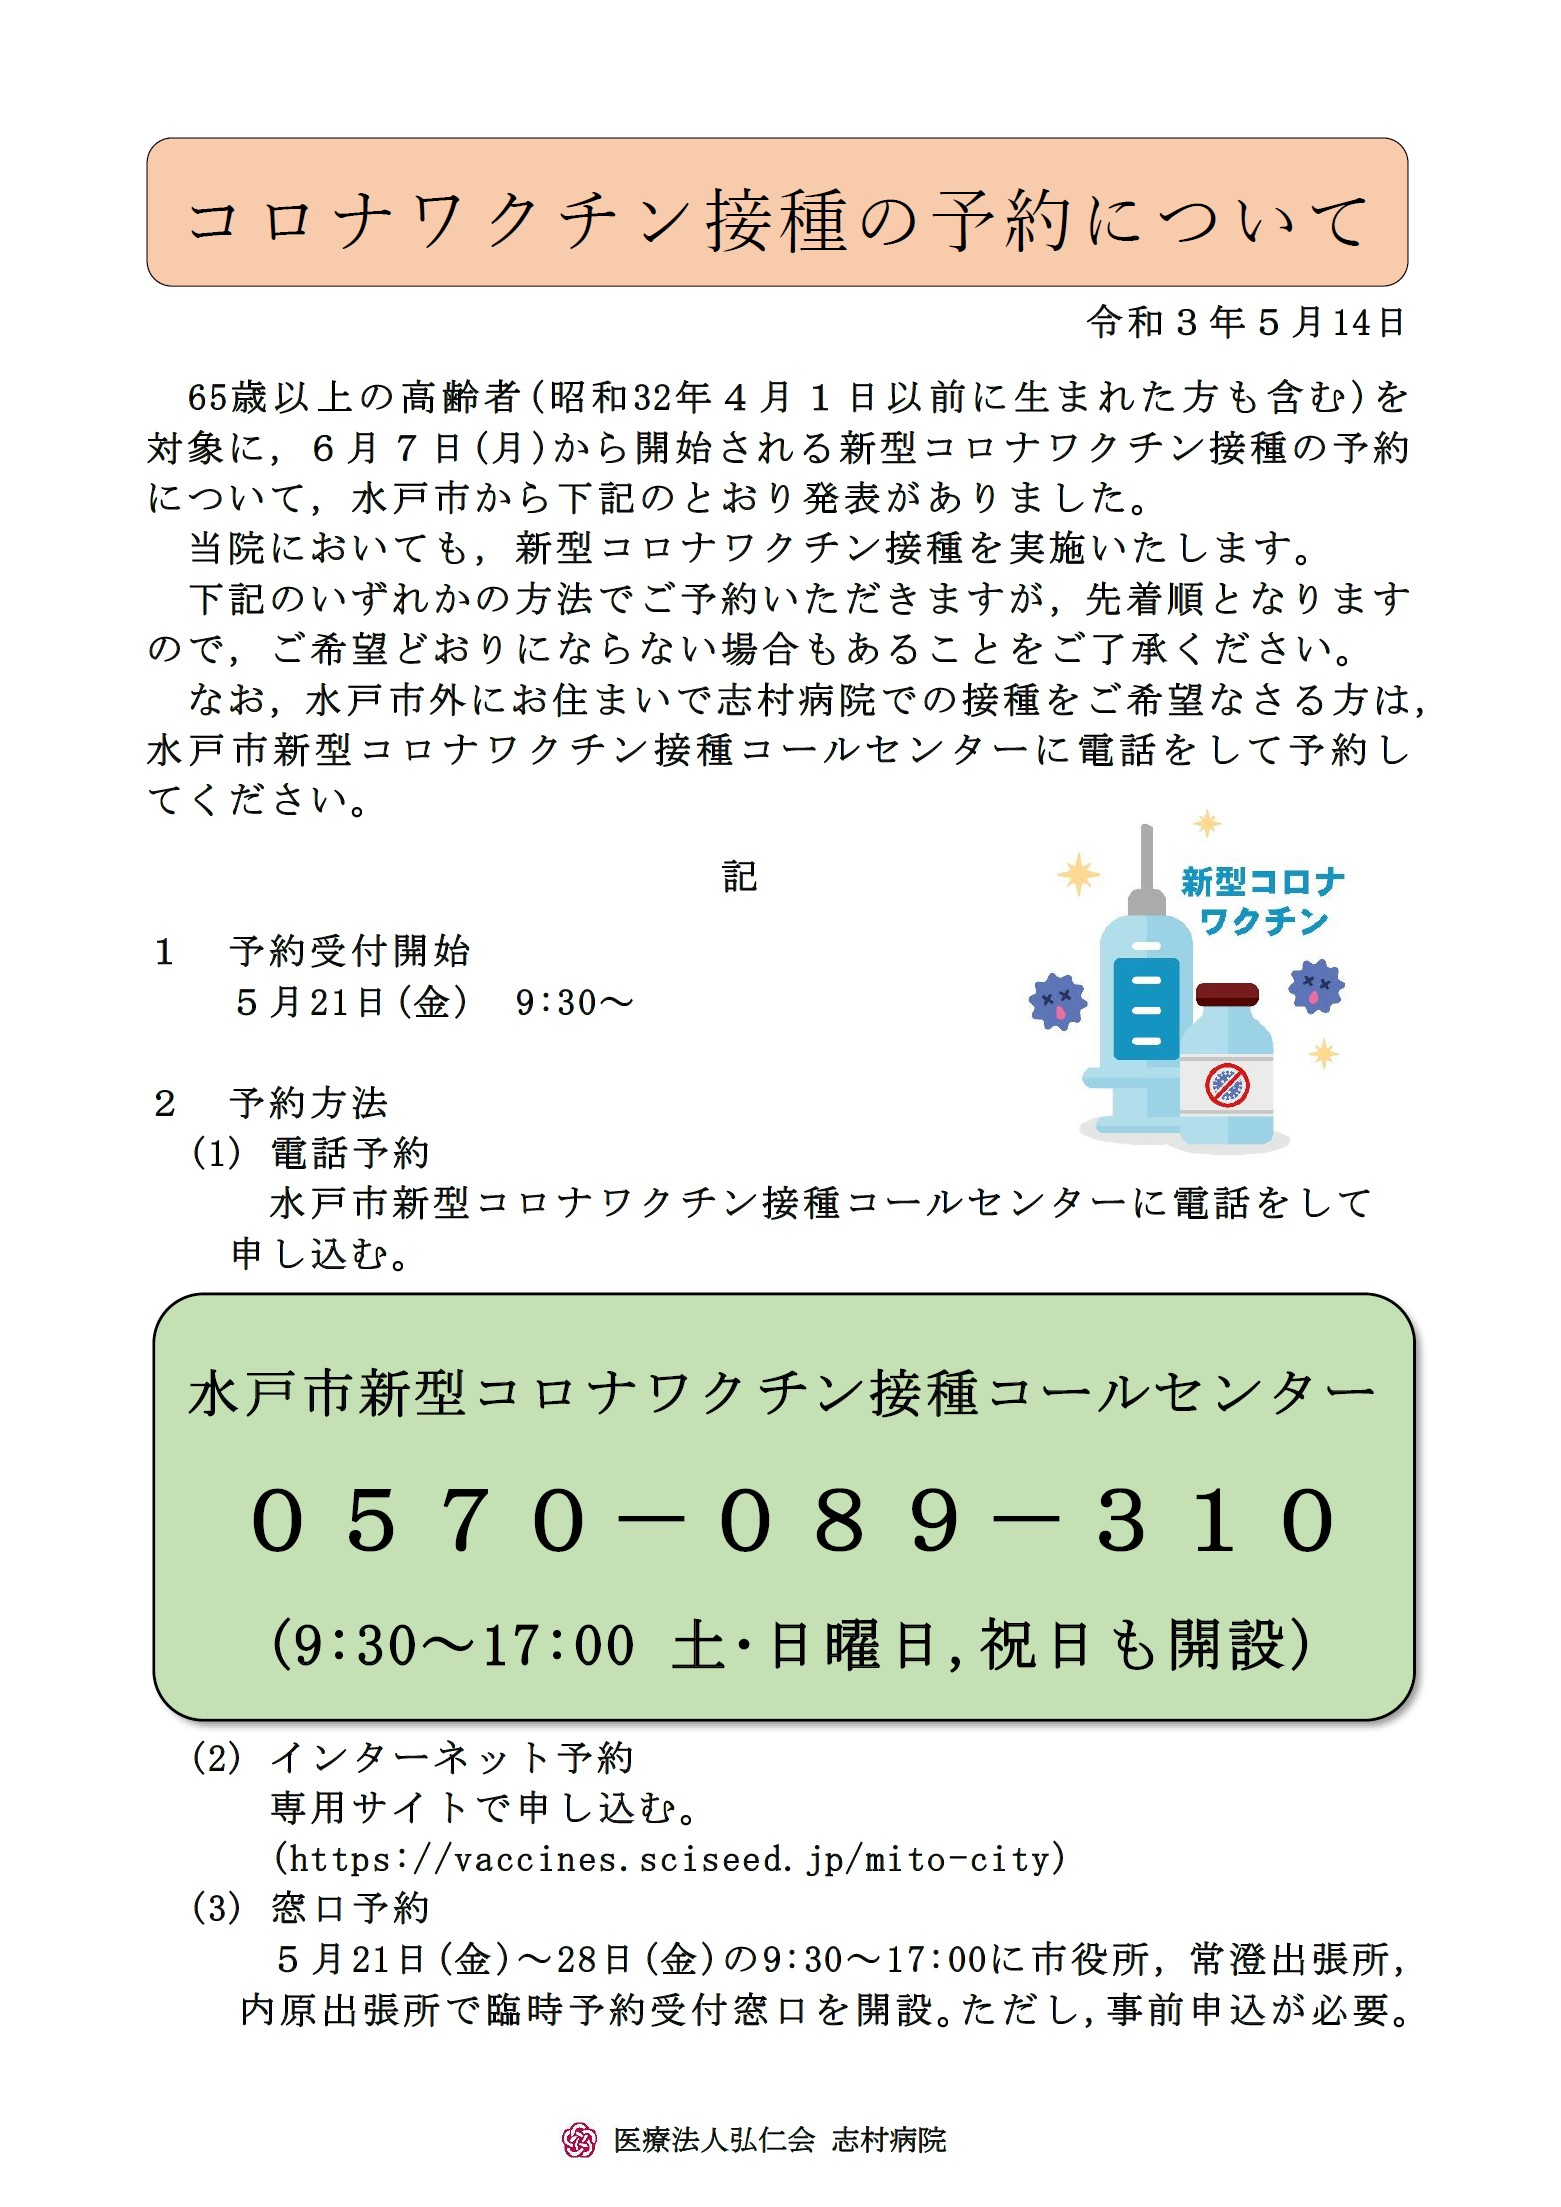 コロナワクチン接種予約